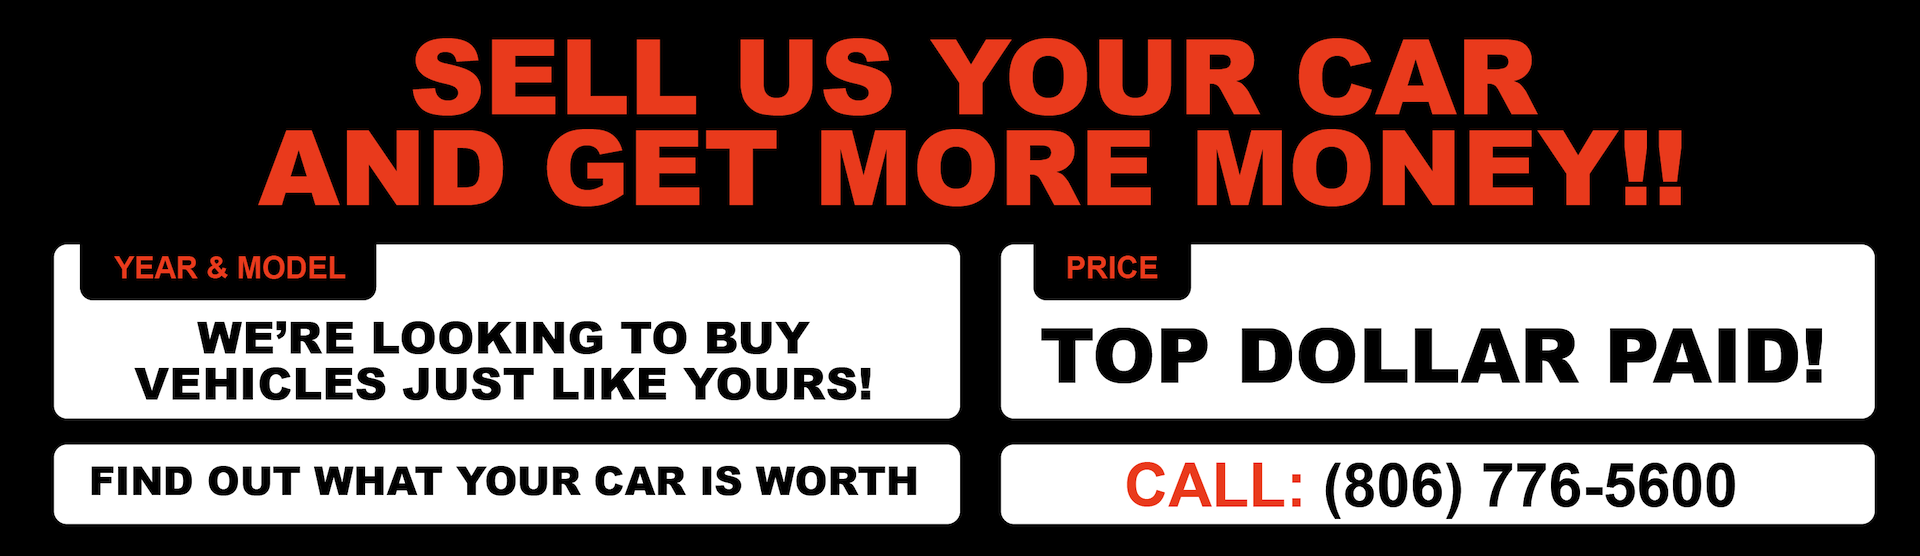 21APR_Sell_Us_Car